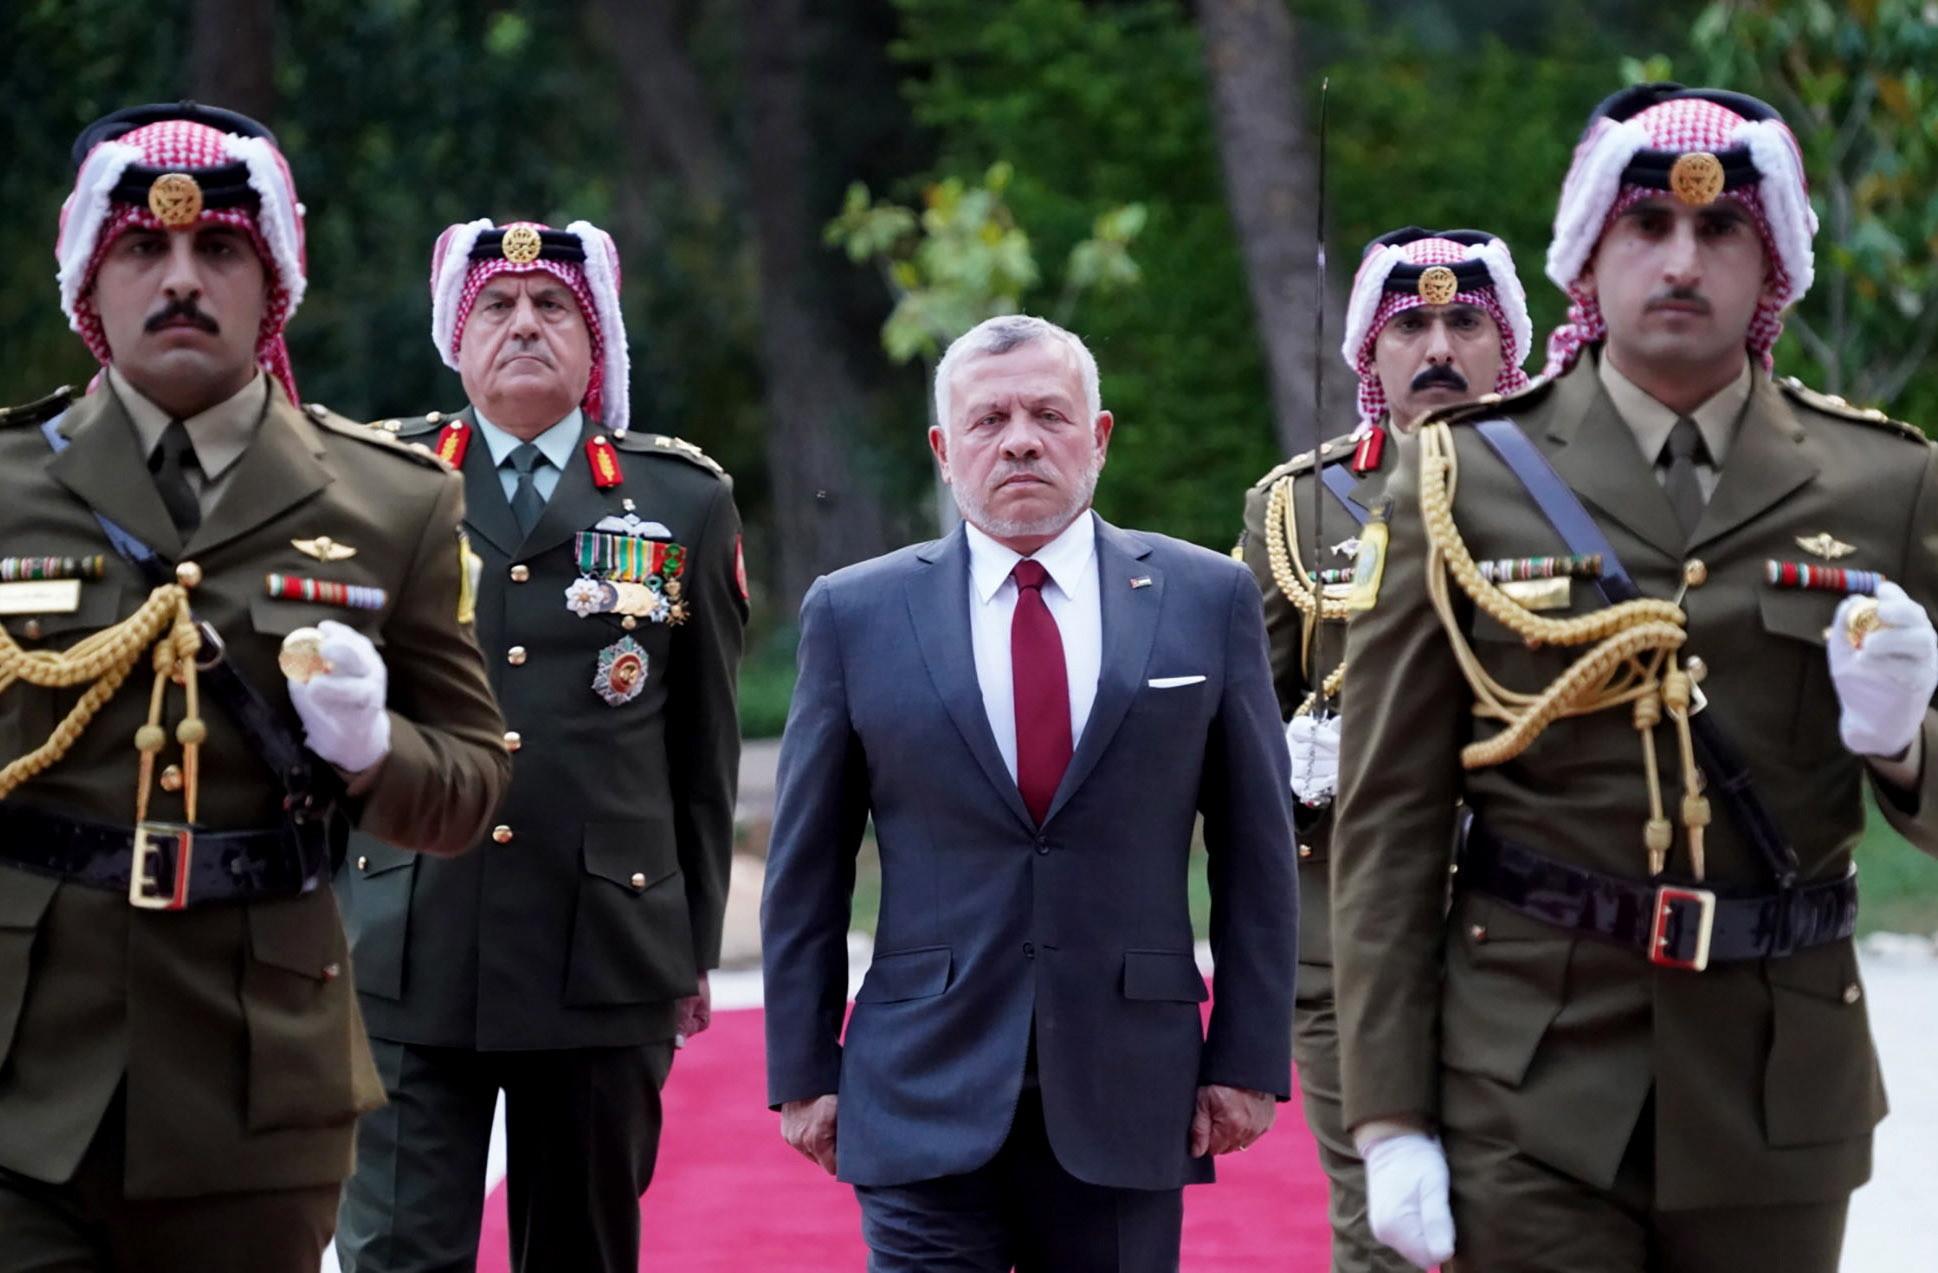 Jordania: król Jordanii Abdullaha II podczas ceremonii z okazji 74. rocznicy niepodległości kraju w Ammanie, fot. EPA/YOUSEF ALLAN/ROYAL HASHEMITE COURT